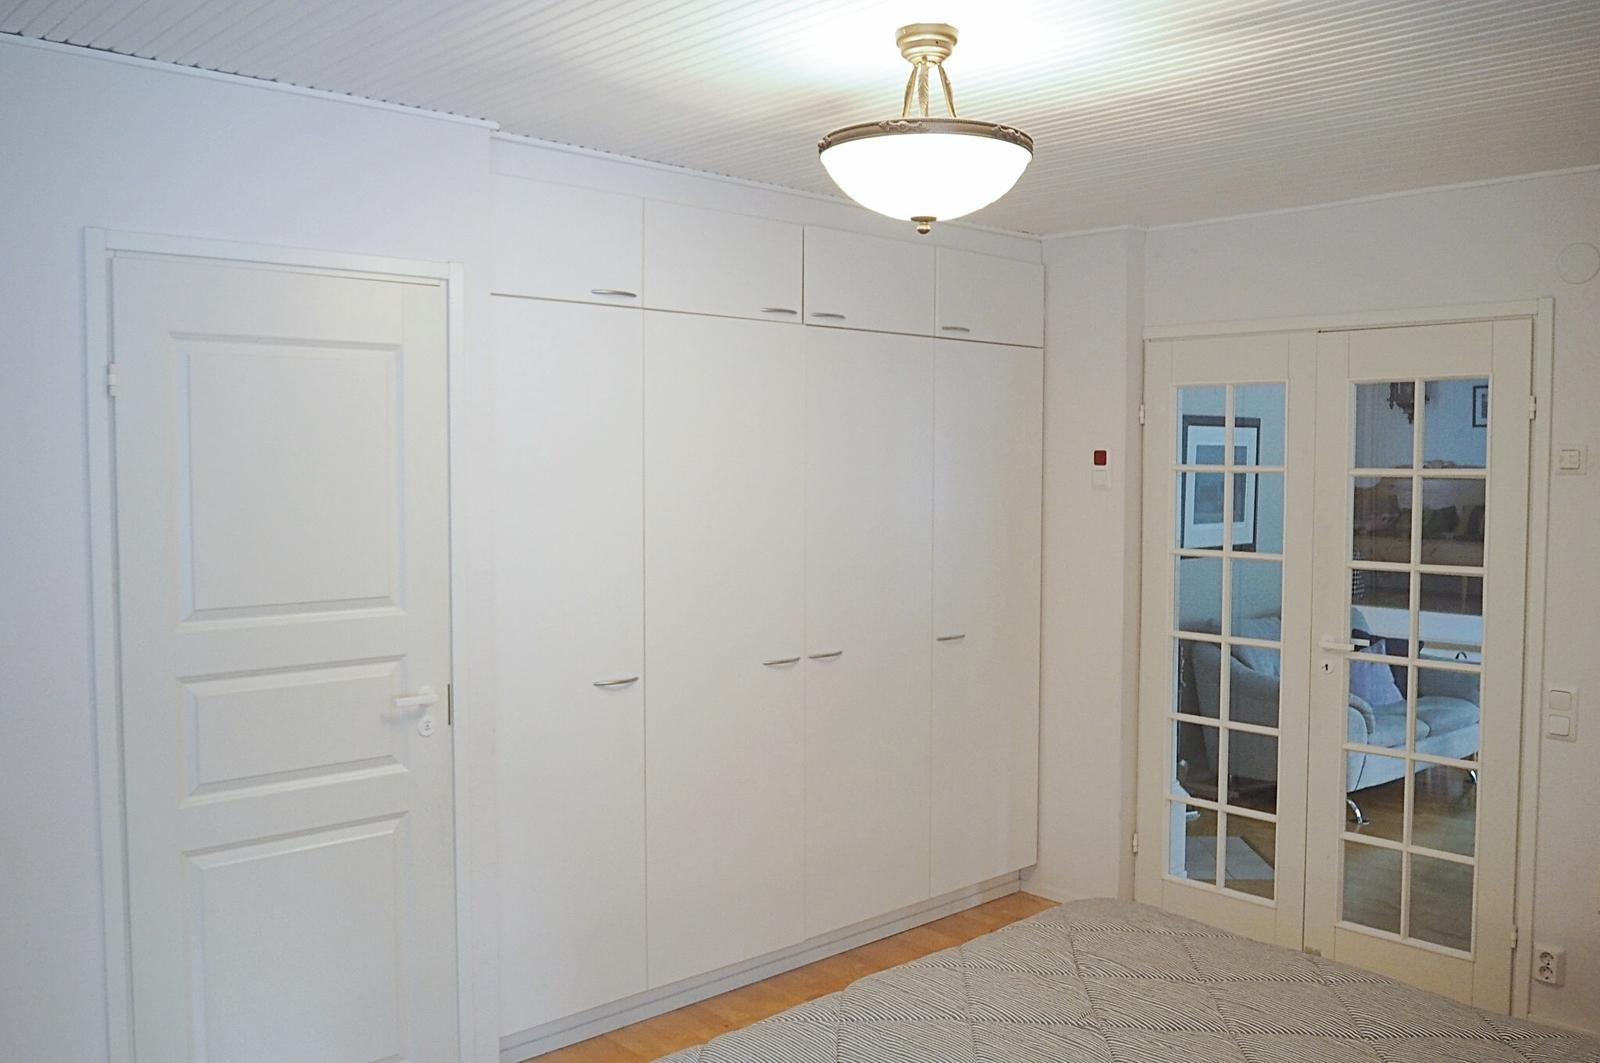 Makuuhuoneessa on runsaasti vaatesäilytystilaa sekä oma ovi wc- ja saunatiloihin